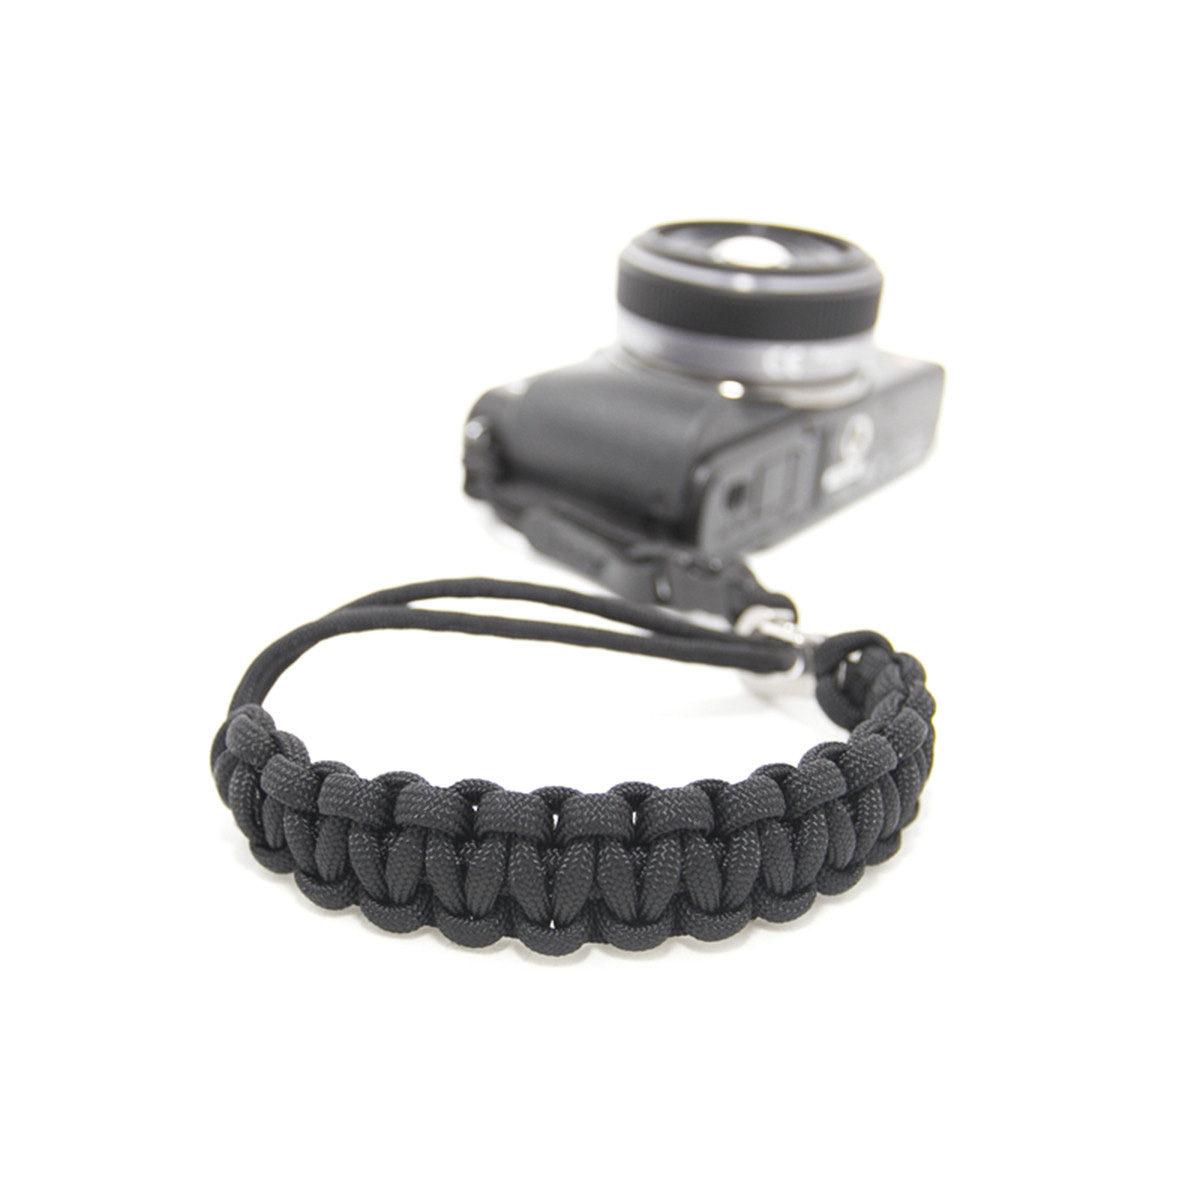 Afbeelding van DSPTCH Camera Wrist Strap Black/Stainless Steel